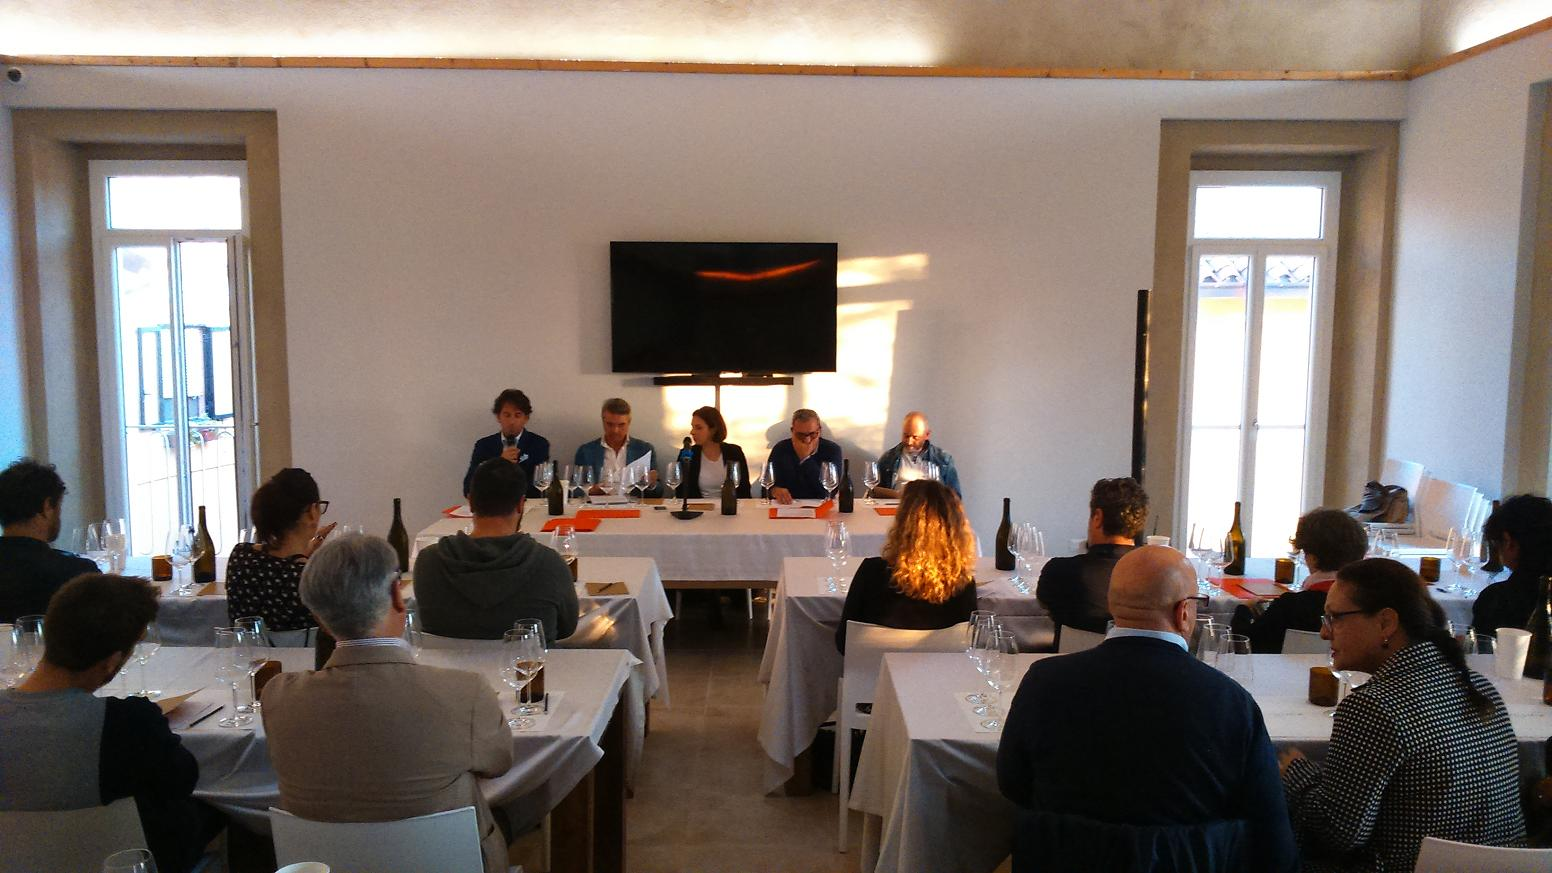 Il tavolo dei relatori, da sx: Massimo Di Cintio, Andrea De Palma, Chiara Ciavolich, Romano D'Amario e Pierluigi Cocchini (ph. Ivan Masciovecchio)